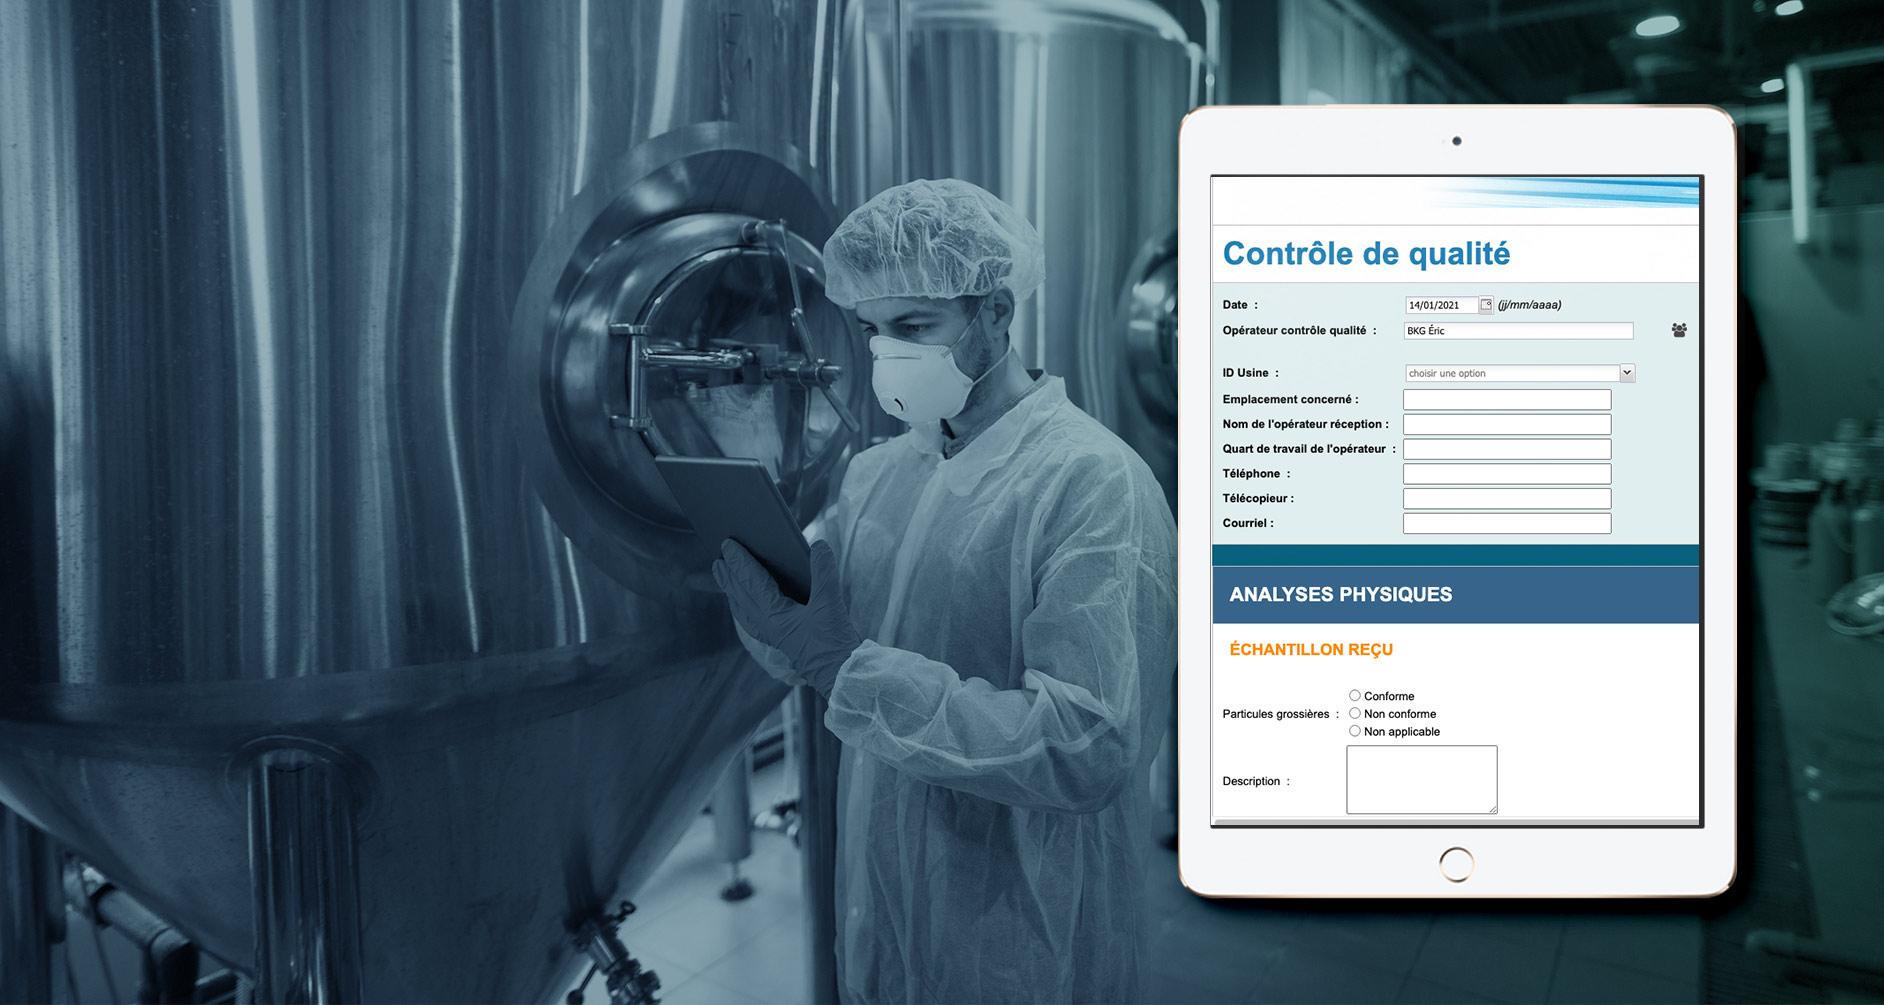 Exemple de formulaire de saisies de données sur une contrôle qualité (BleuKanGo Canada)